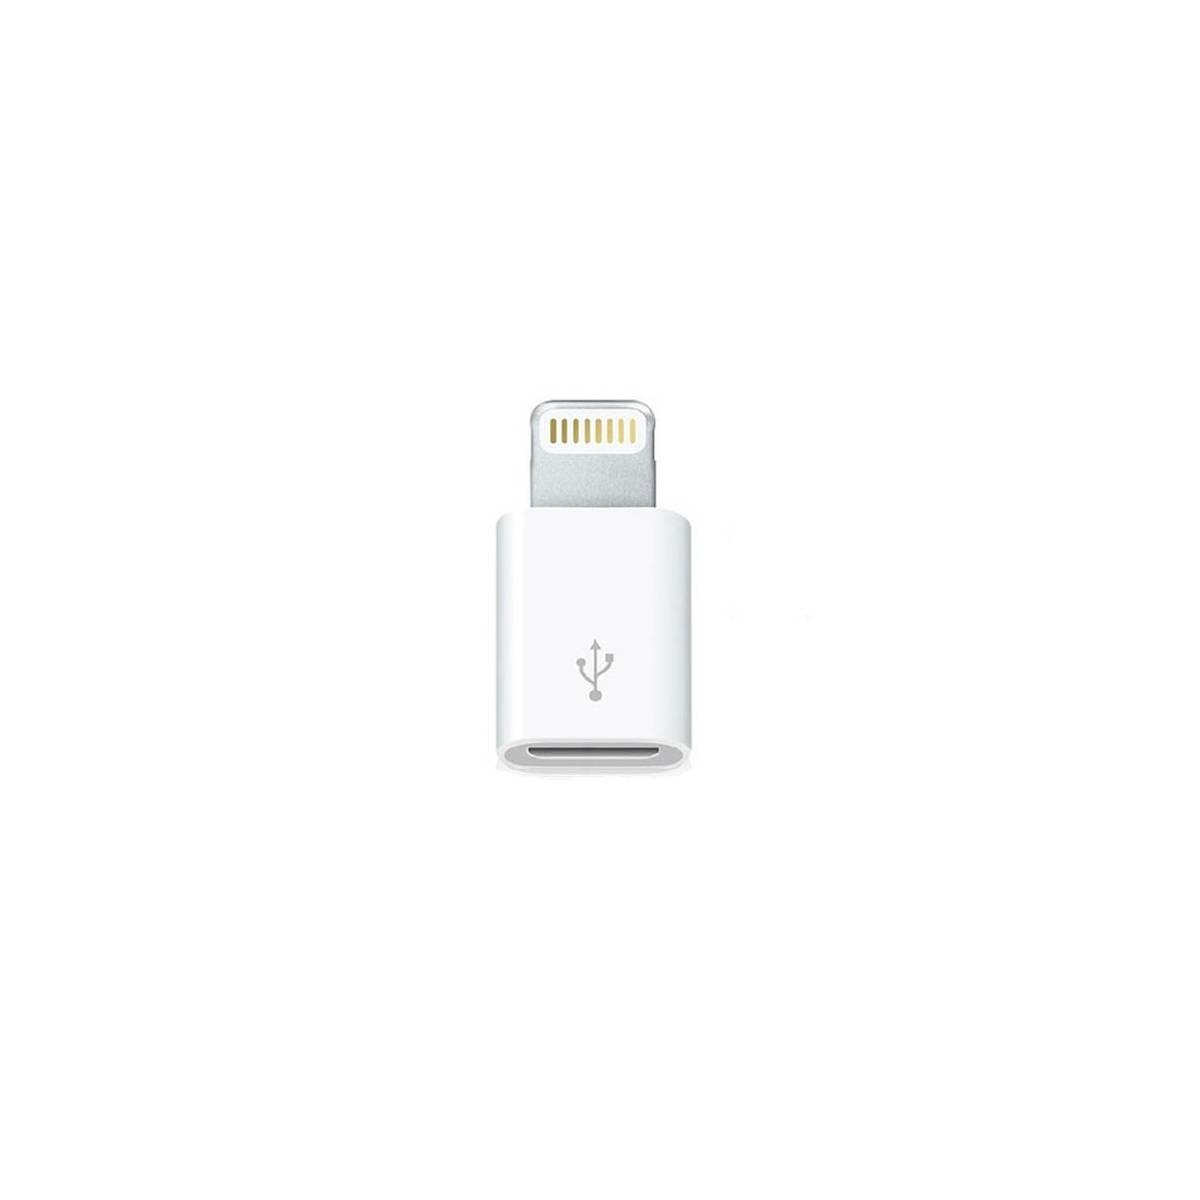 micro USB till Lightning kontakt Mackablar.se | PÅ LAGER